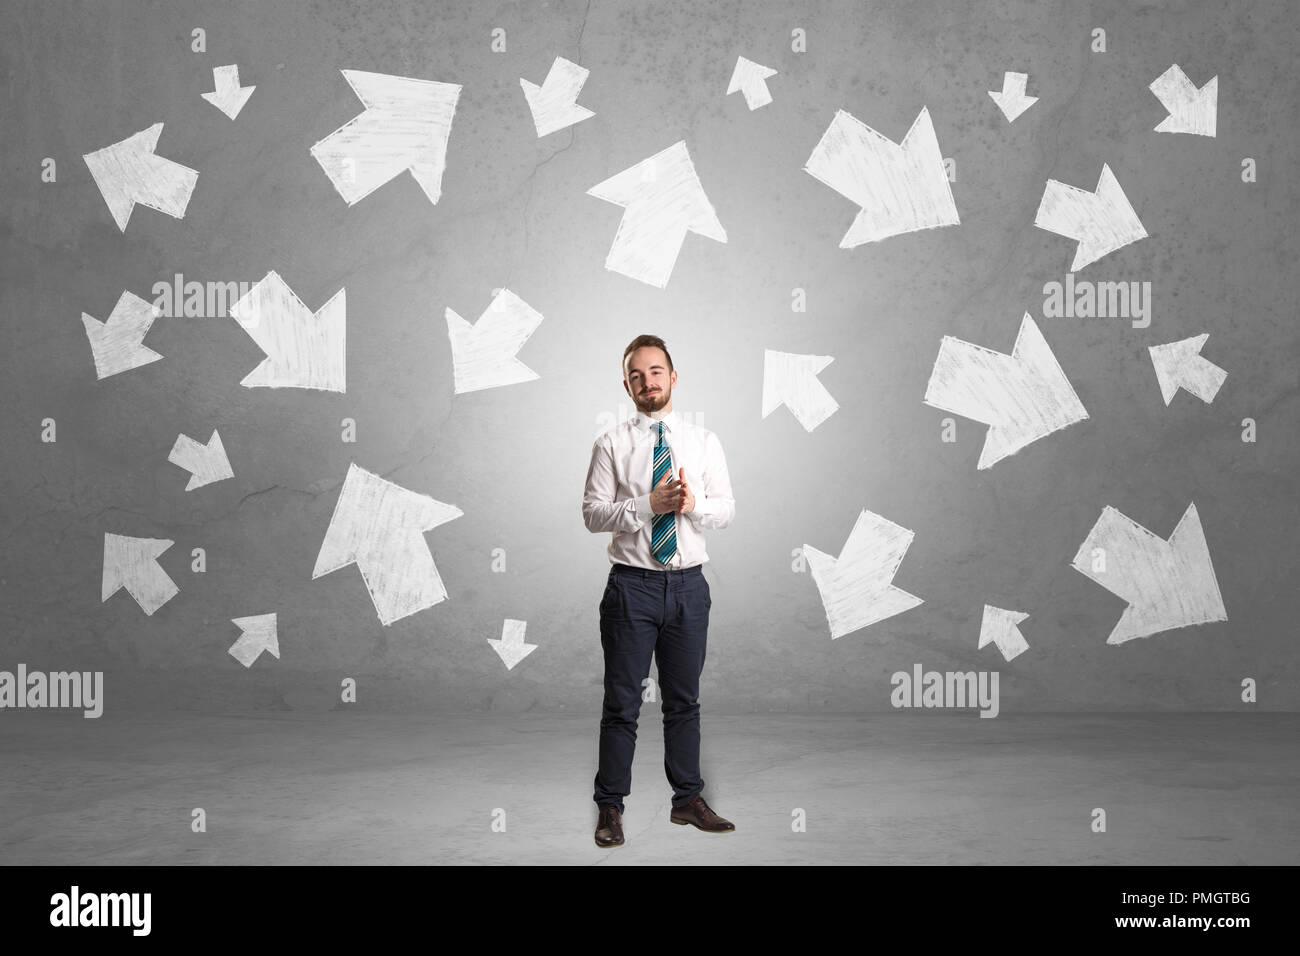 Handsome businessman debout devant un mur avec des flèches tirées de craie Photo Stock